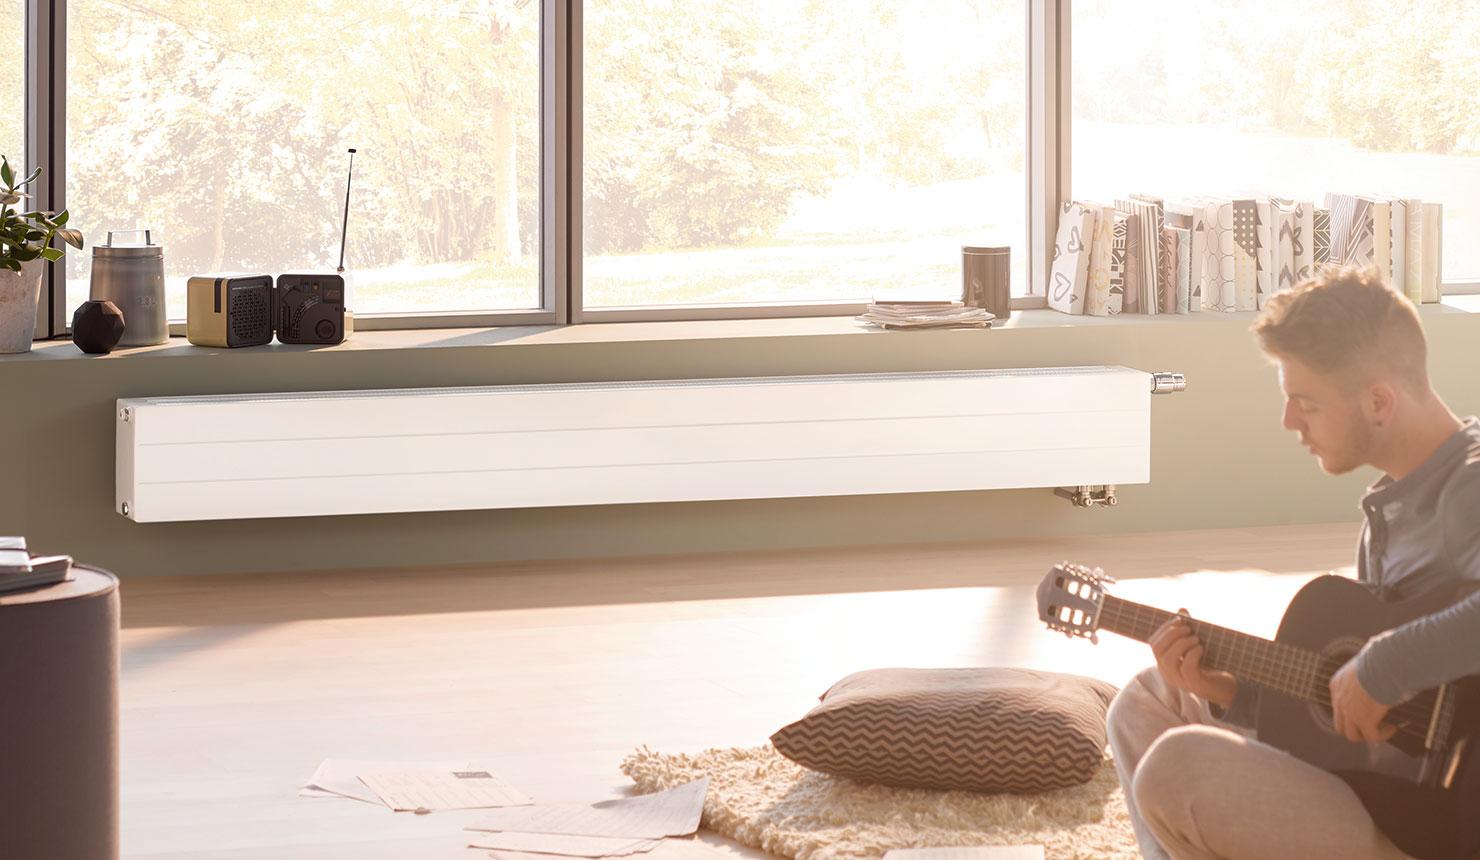 Full Size of Flachheizkörper Wohnzimmer Konvektoren Klein Fototapete Moderne Deckenleuchte Liege Großes Bild Pendelleuchte Deckenlampe Led Wandtattoo Schrankwand Wohnzimmer Flachheizkörper Wohnzimmer